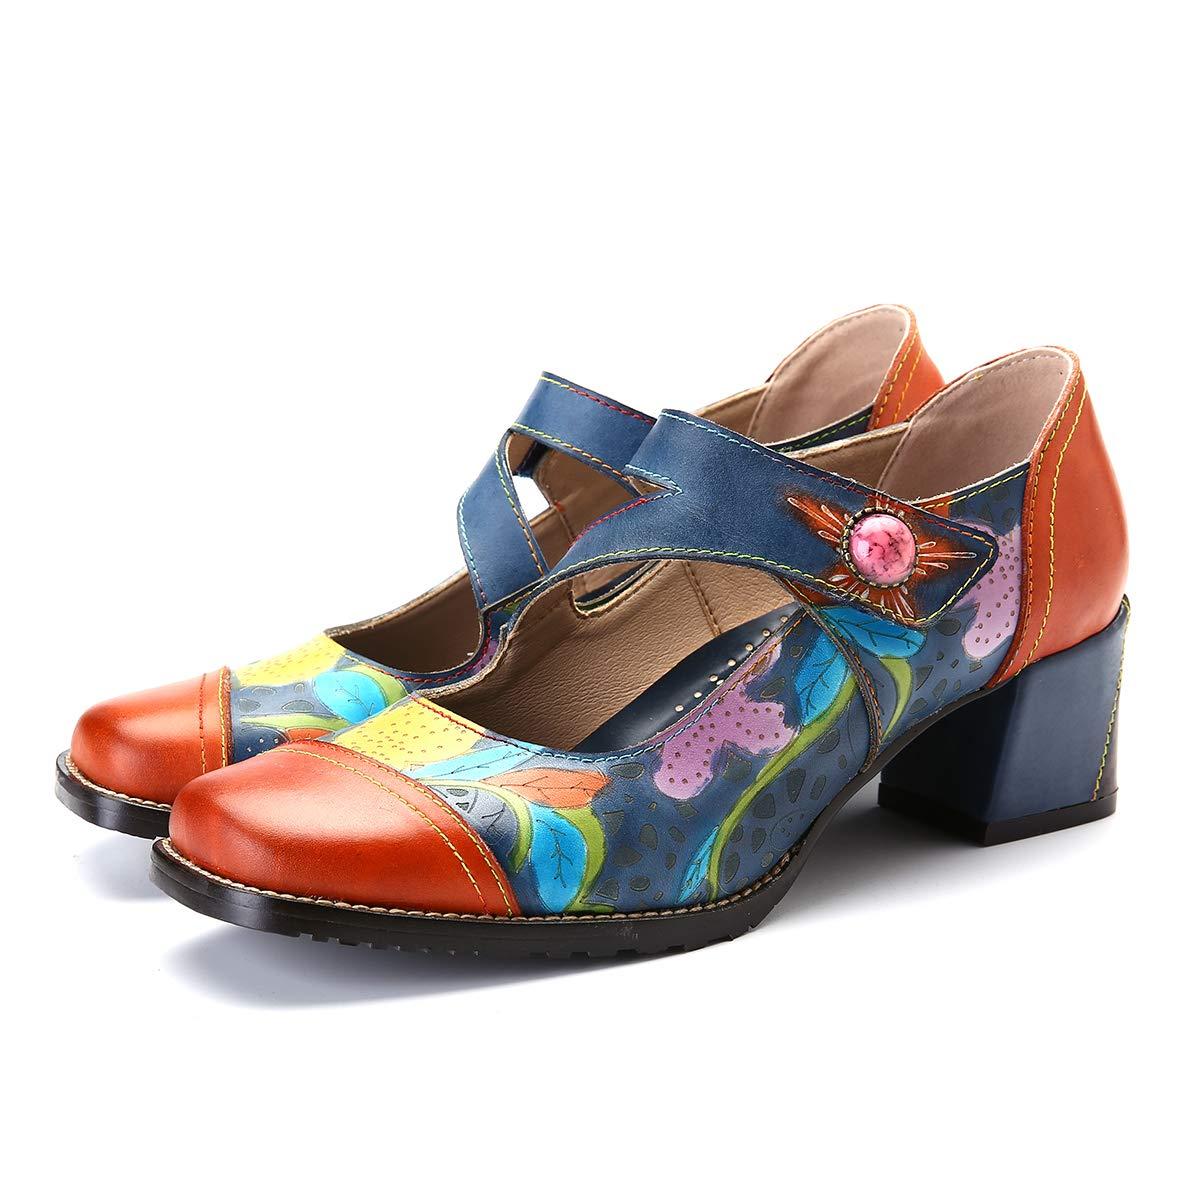 gracosy Zapatos de Cuero de Tacón Bajo de Mujer Merceditas Zapatos de Salón de Cuero Mocasines de Cuero Hechos a Mano Zapatos Planos Ocasionales Cómodos Gancho y Moño Mocasines de Trabajo Zapatillas 38 EU naranja